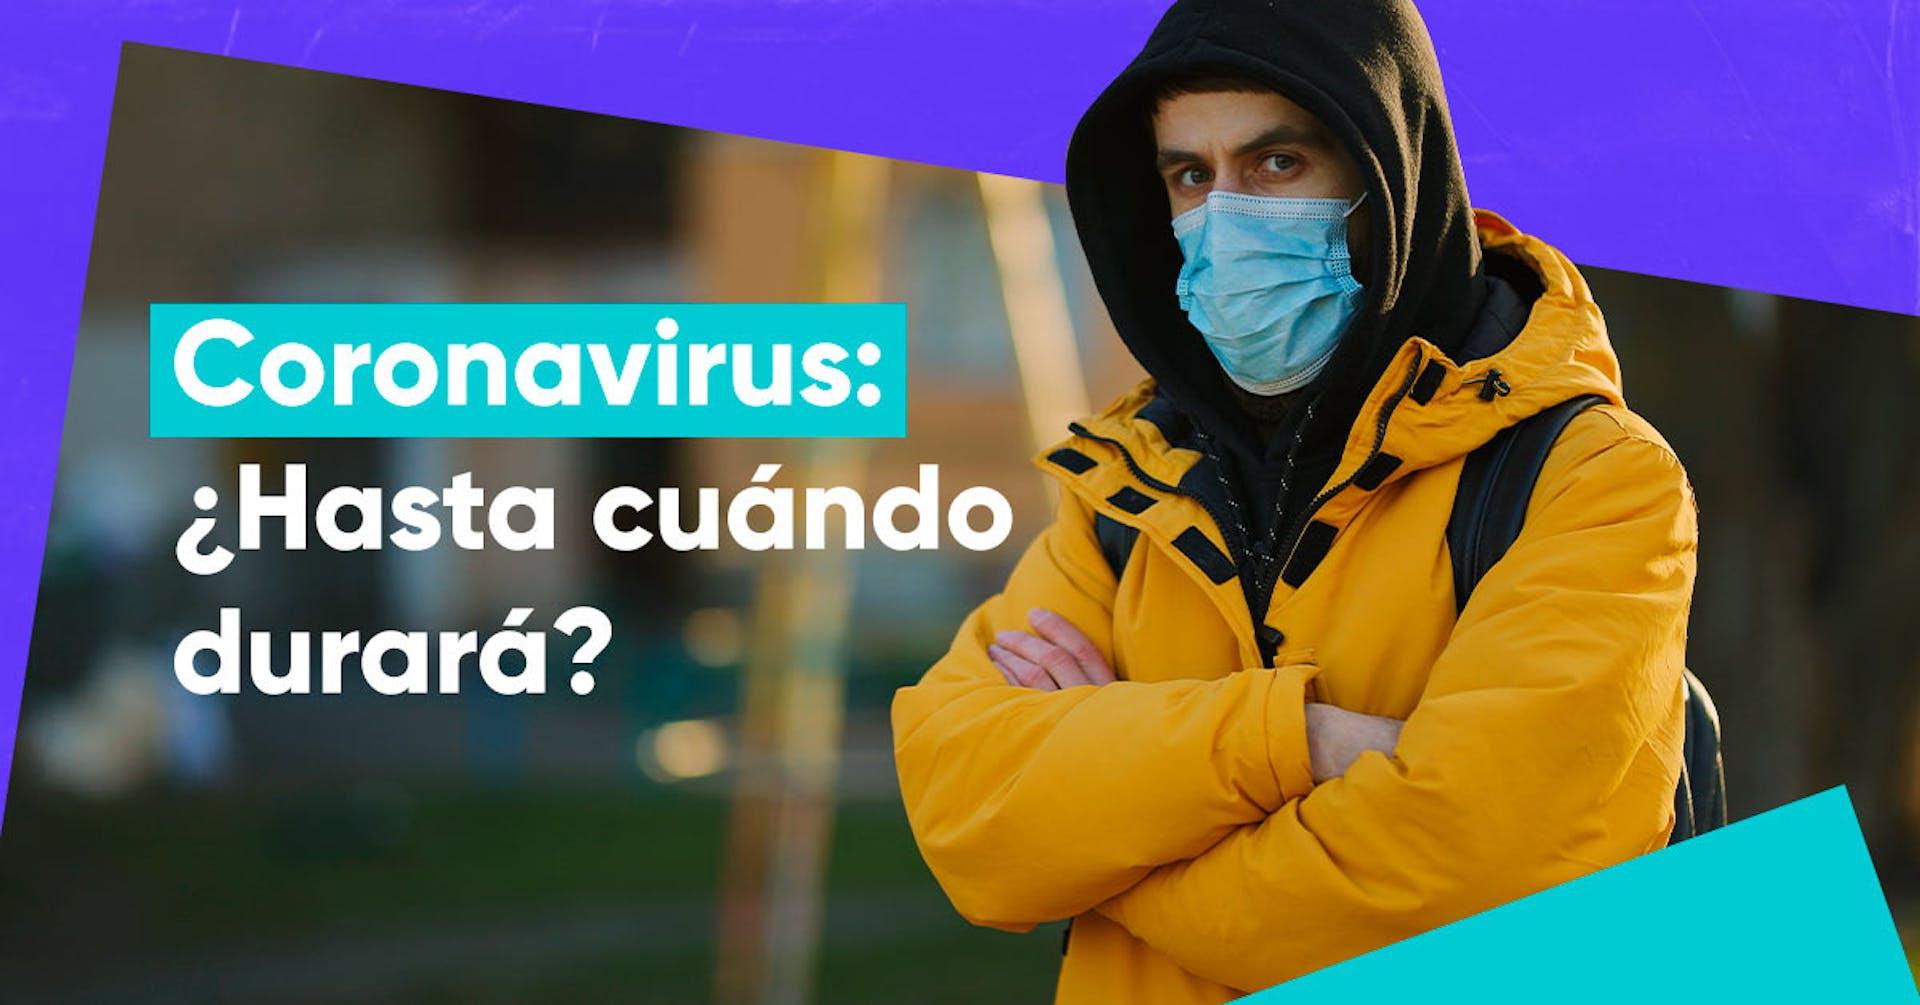 Coronavirus: ¿Cuánto durará la cuarentena?